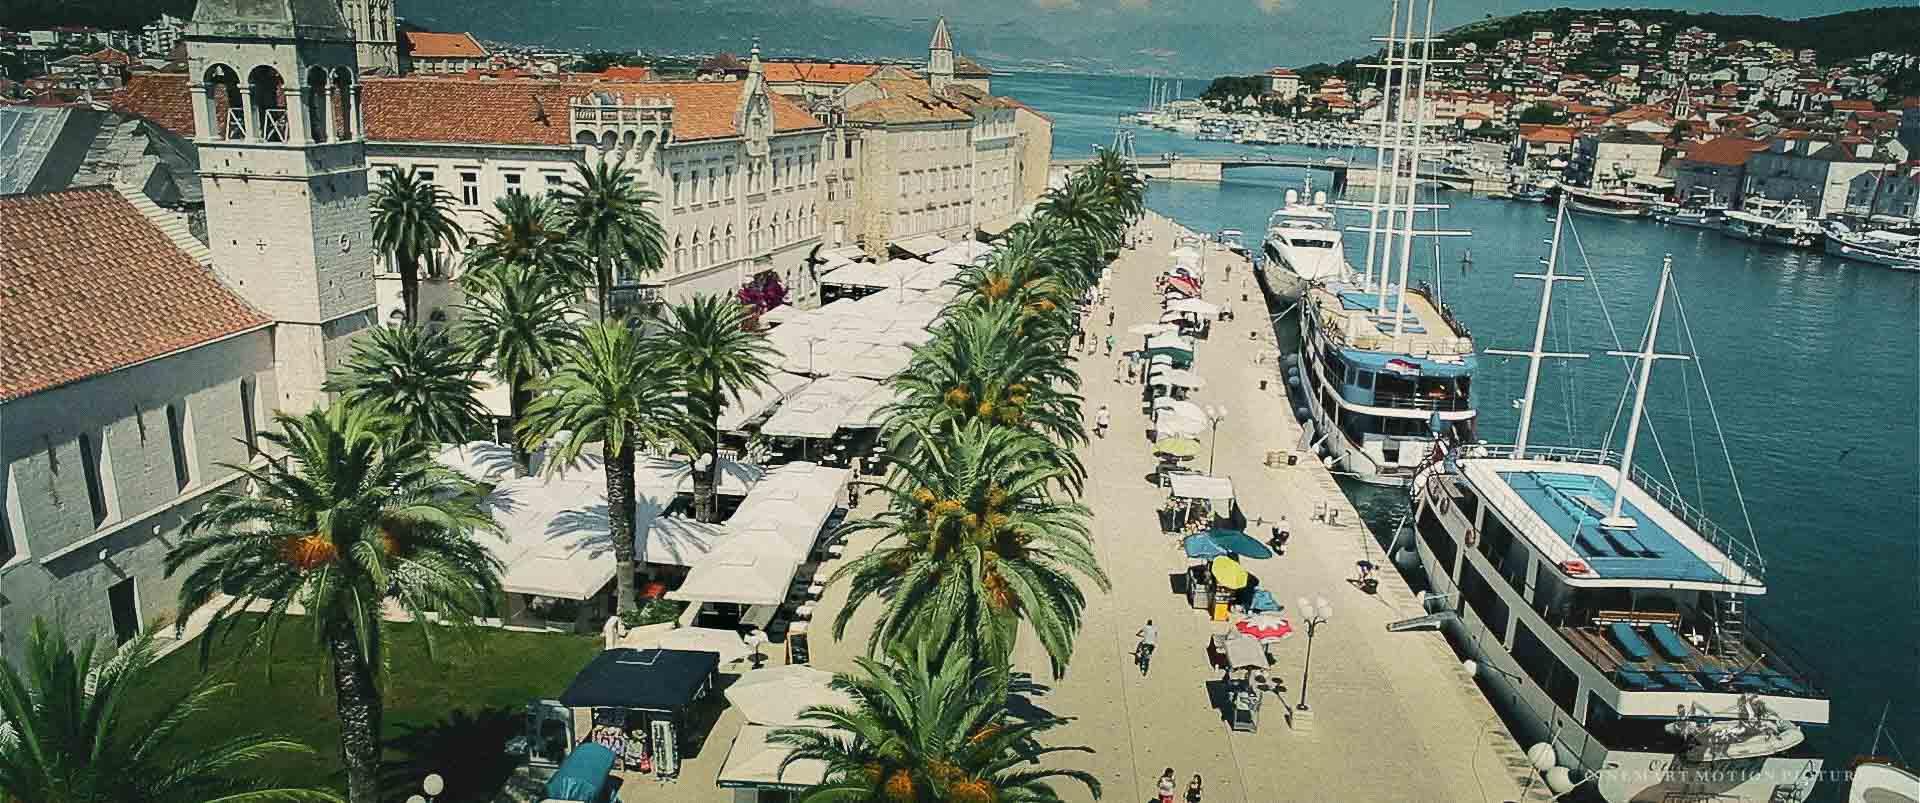 City of Trogir Croatia